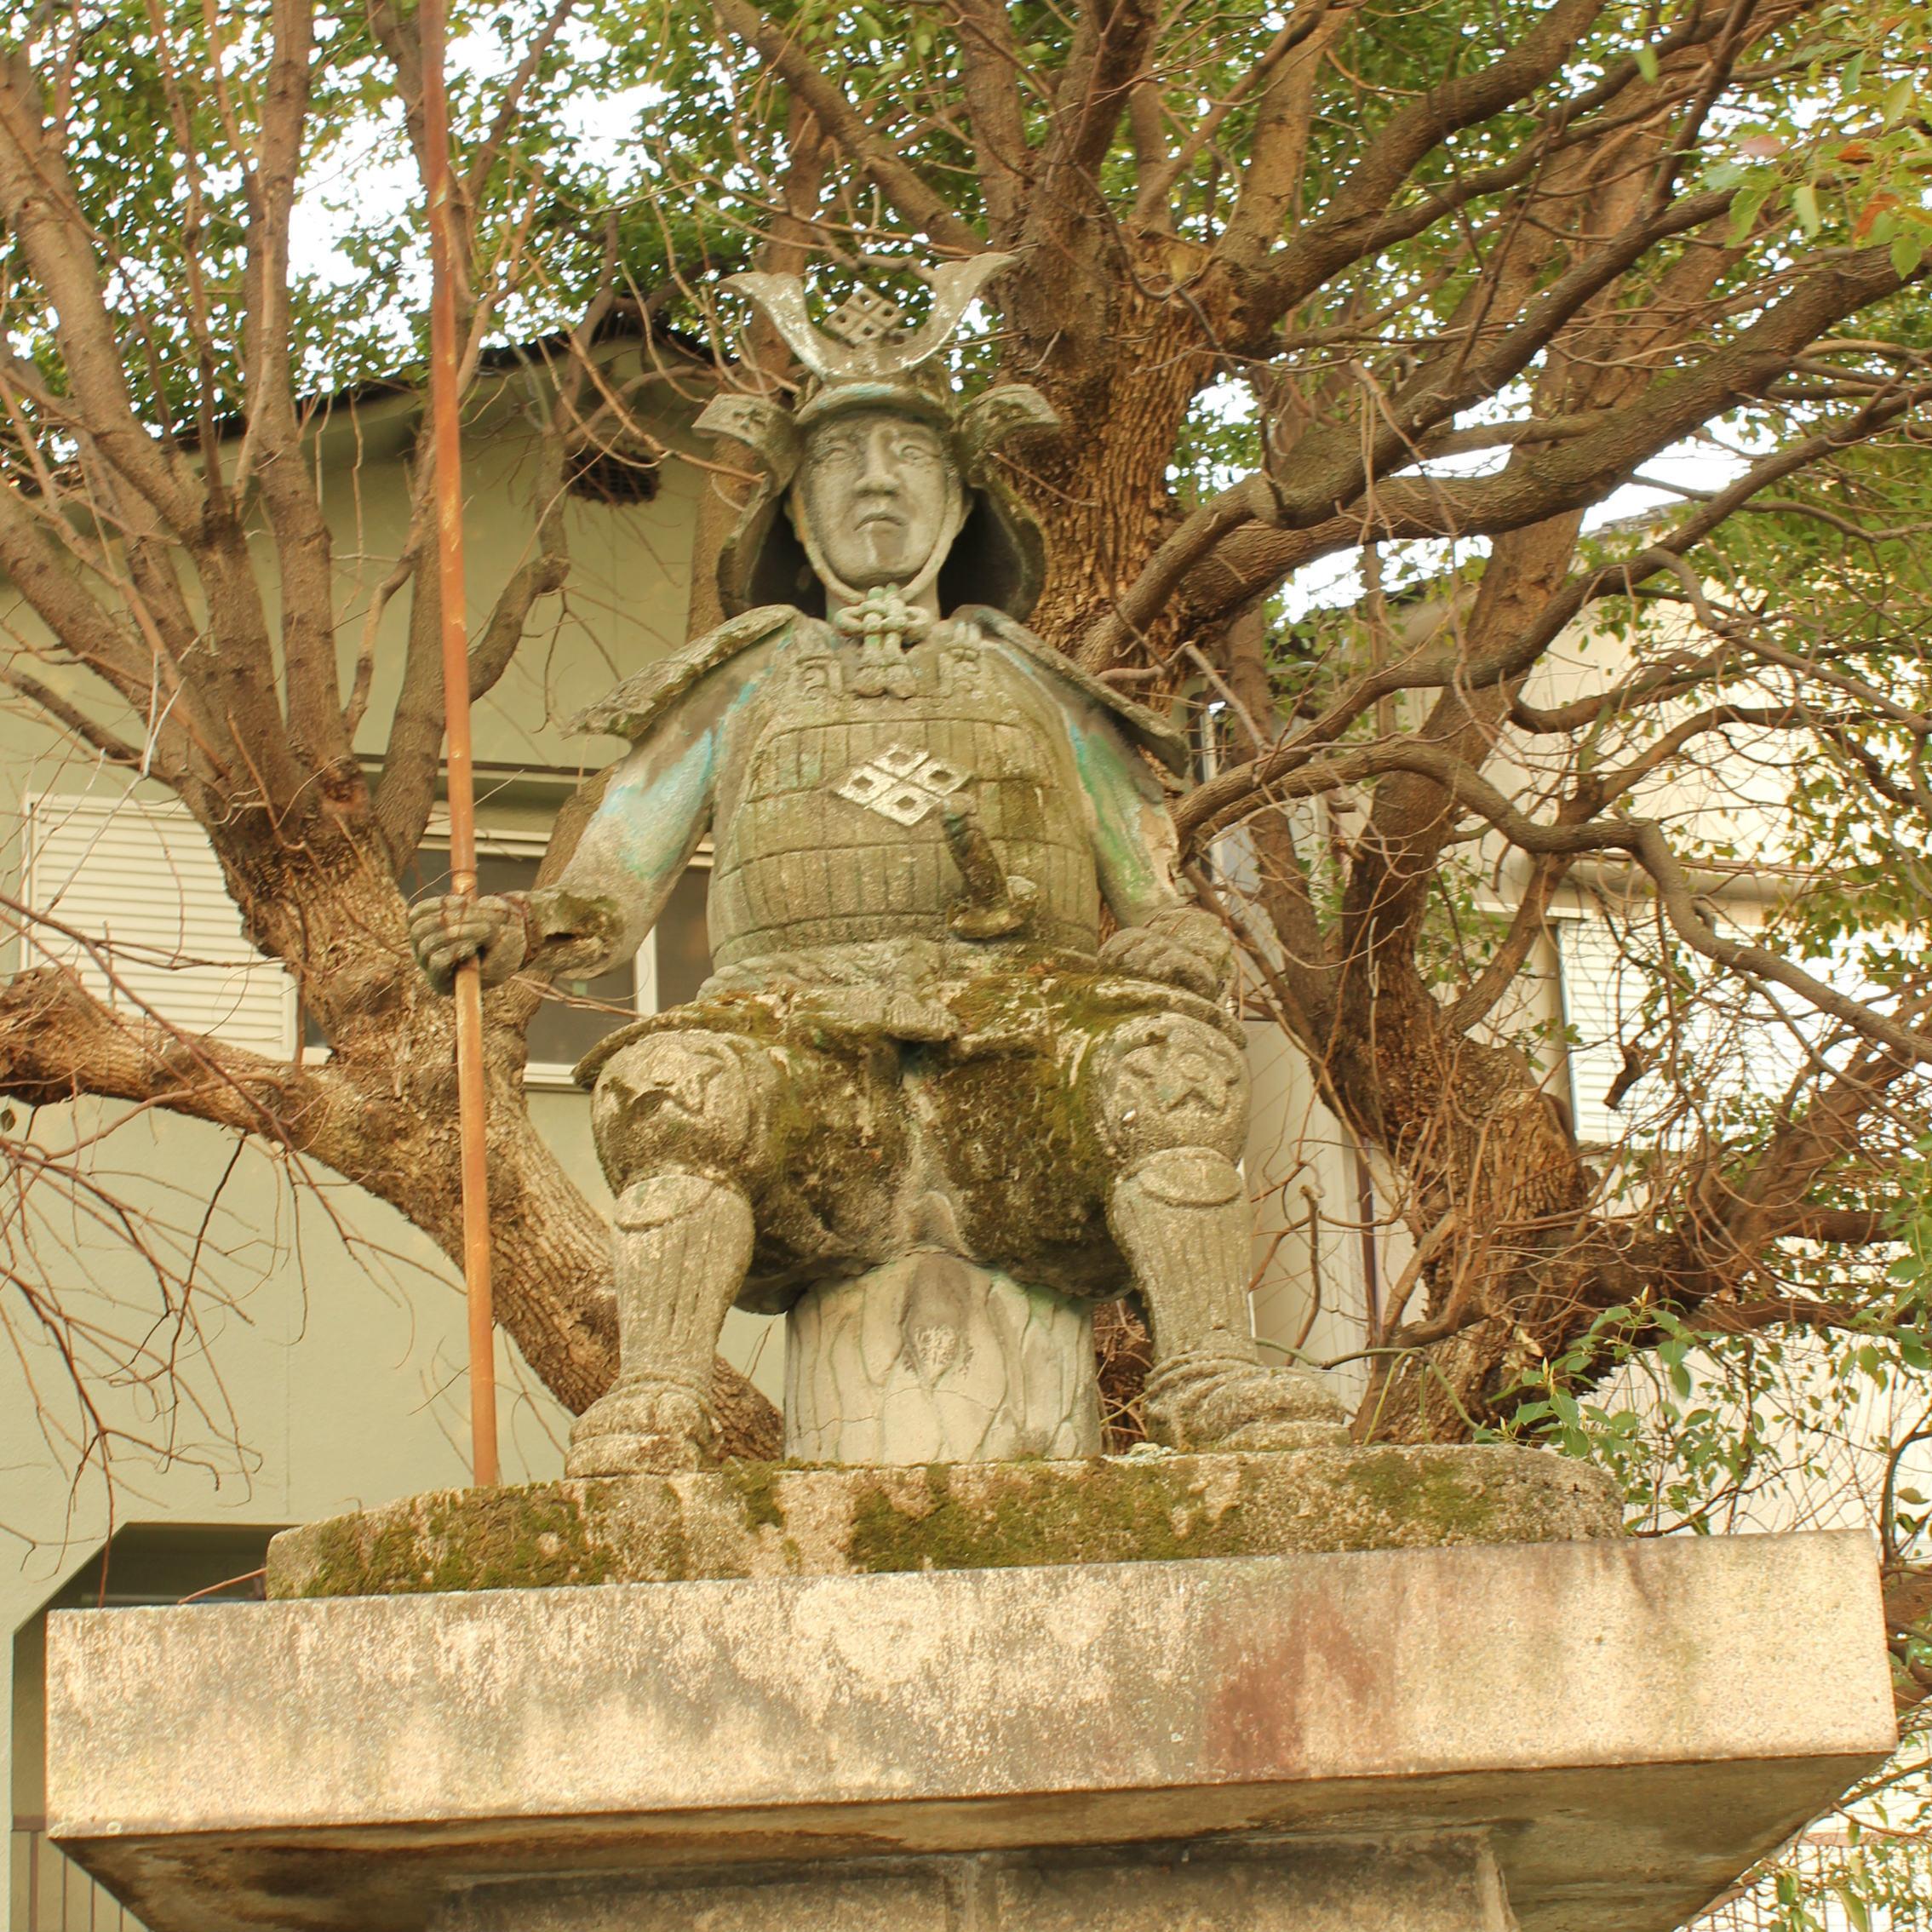 大阪夏の陣で、みずから先頭に立って幕府軍を迎え撃ち死んでいった木村重成